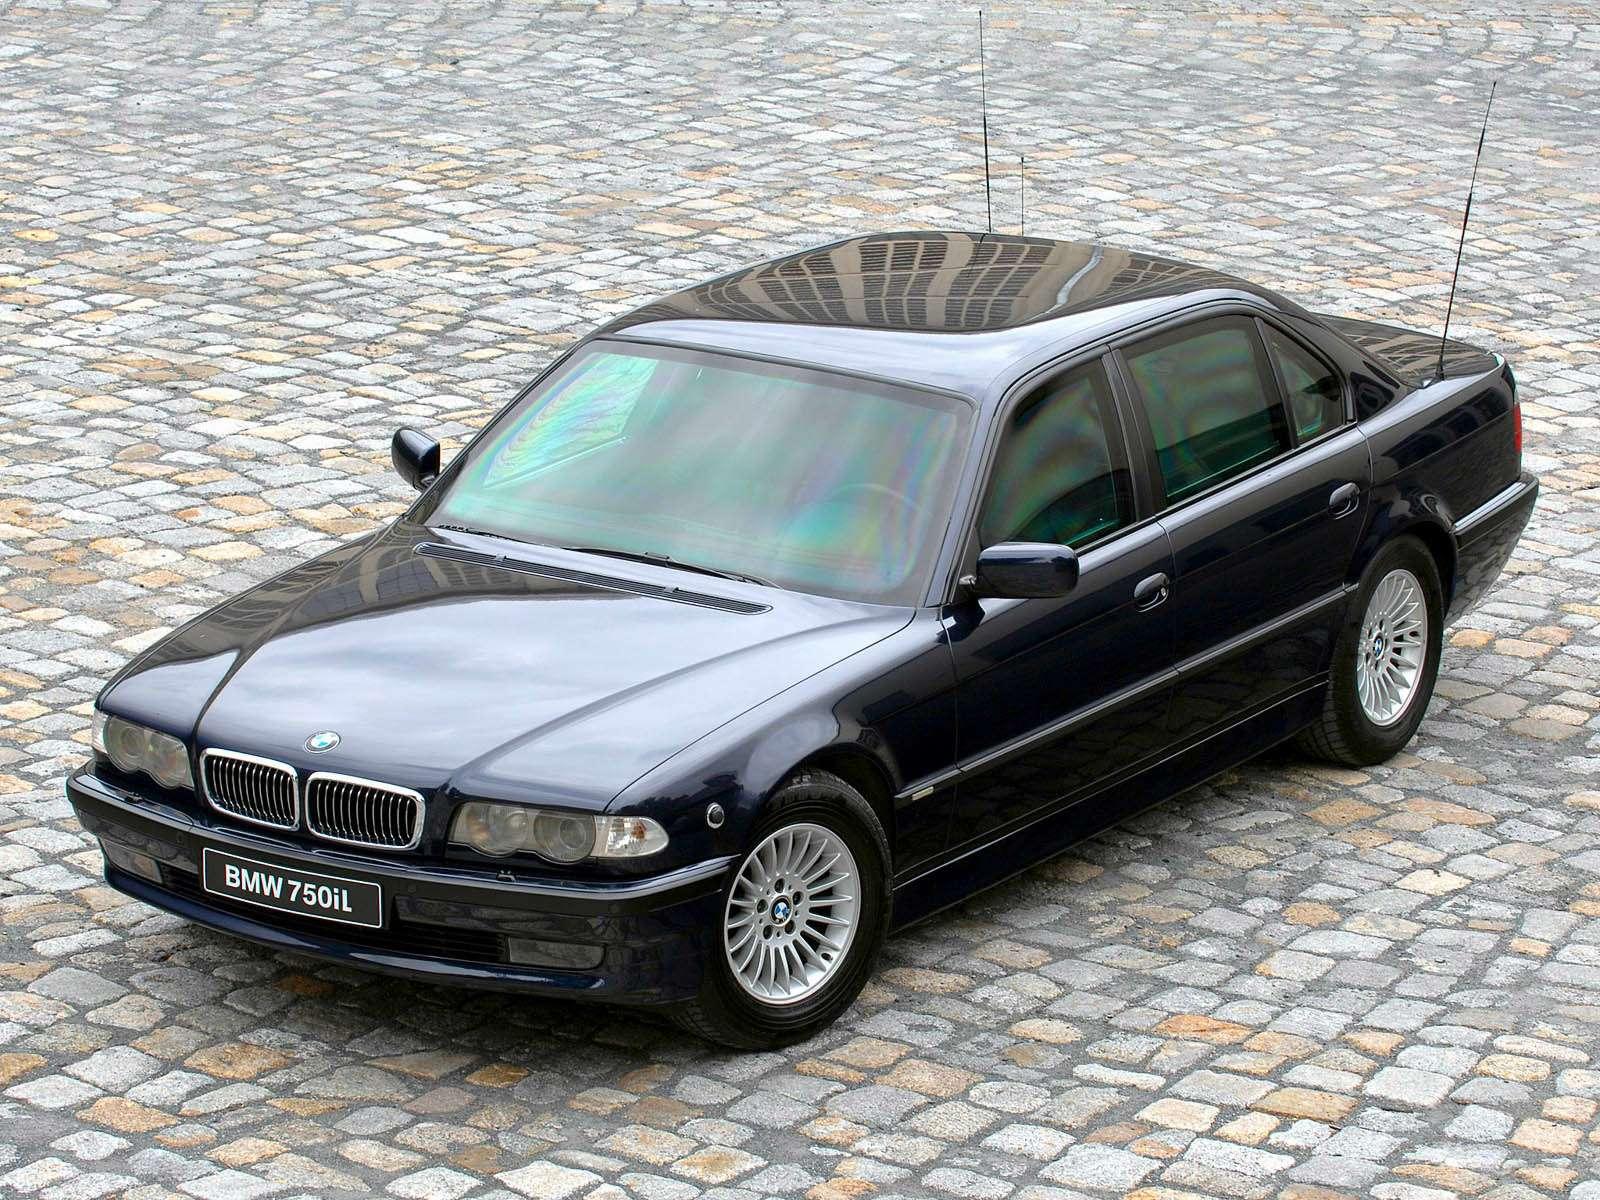 Премиальный автомобиль за200 тысяч рублей: респект изпрошлого— фото 611049